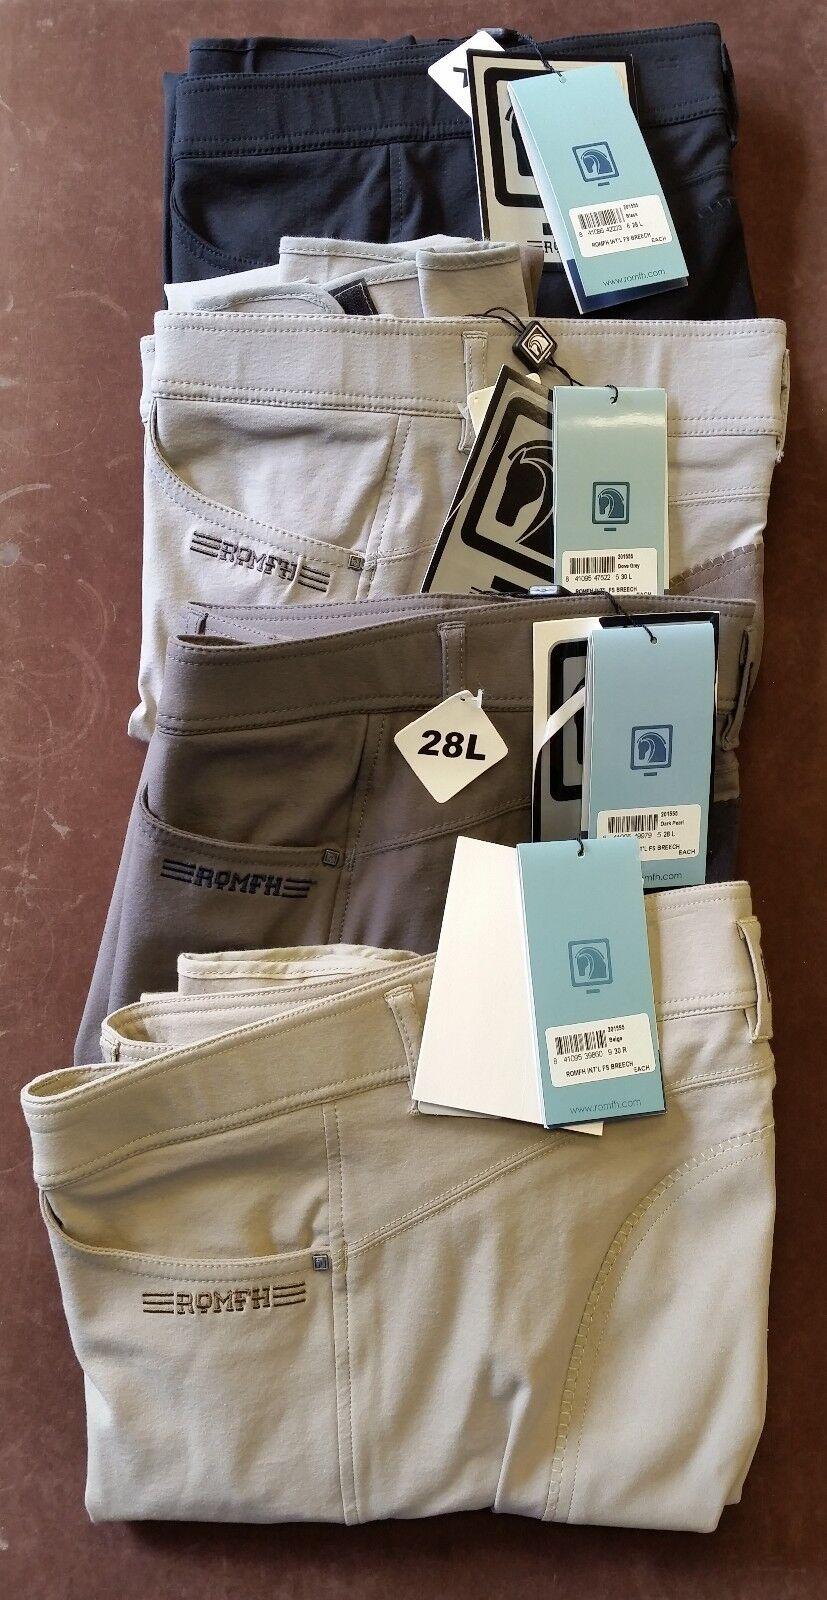 Romfh Pantalones  de montar de asiento completo-Internacional  conveniente